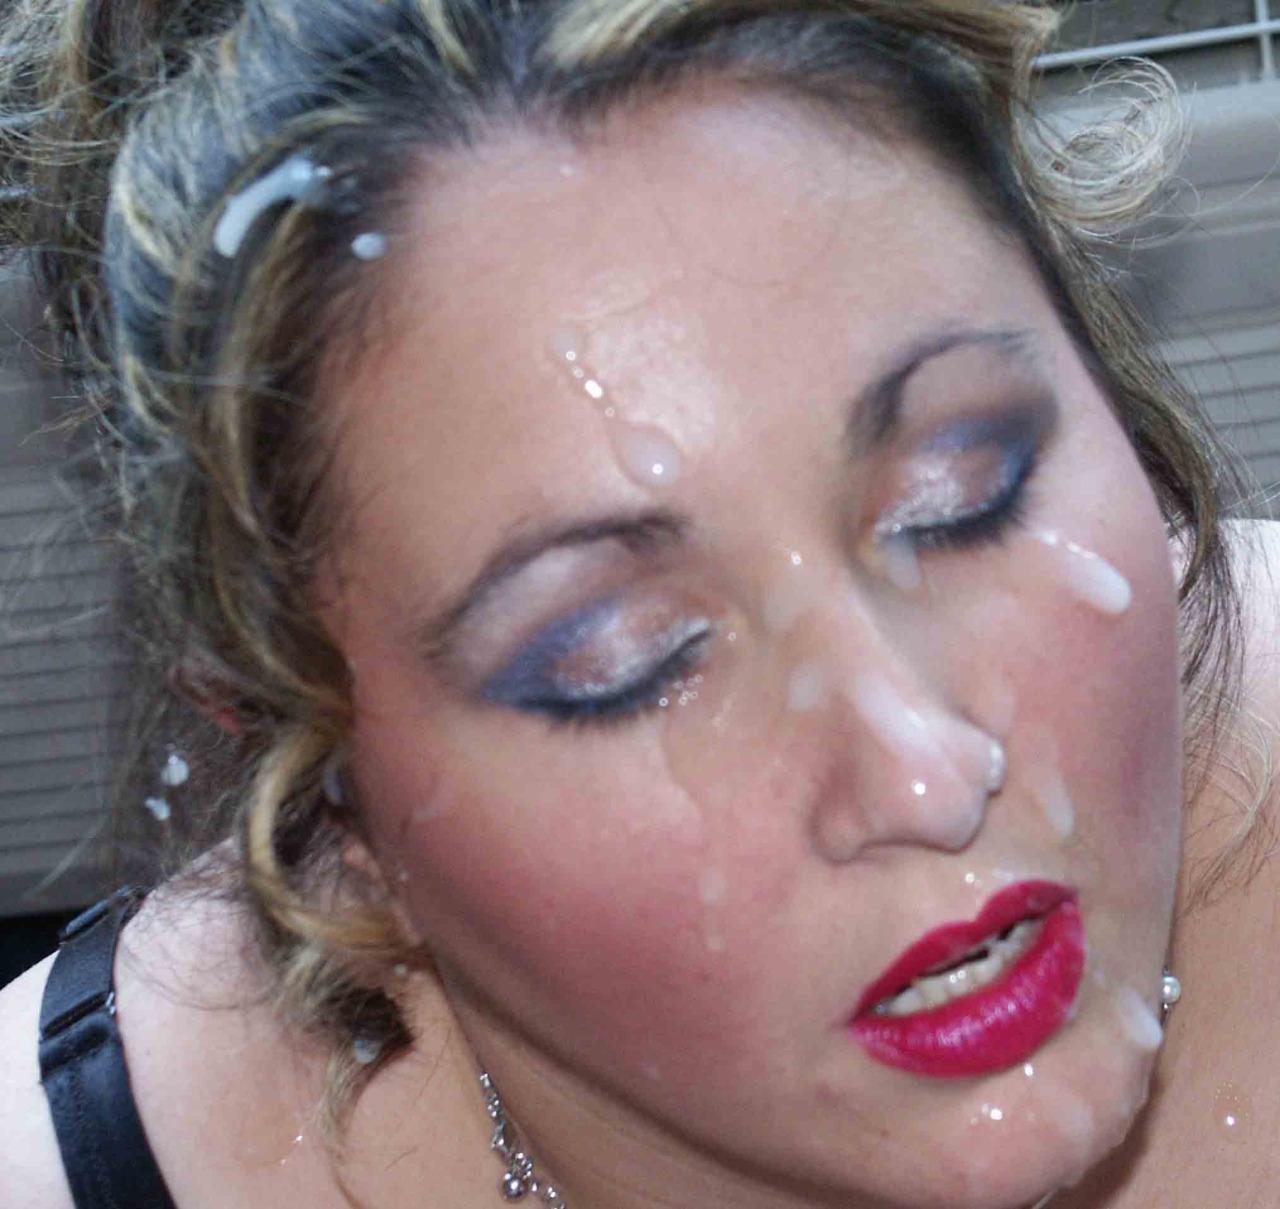 photo de culs de matures a aimer dans le photo de cul de femme mature du 66 à baiser